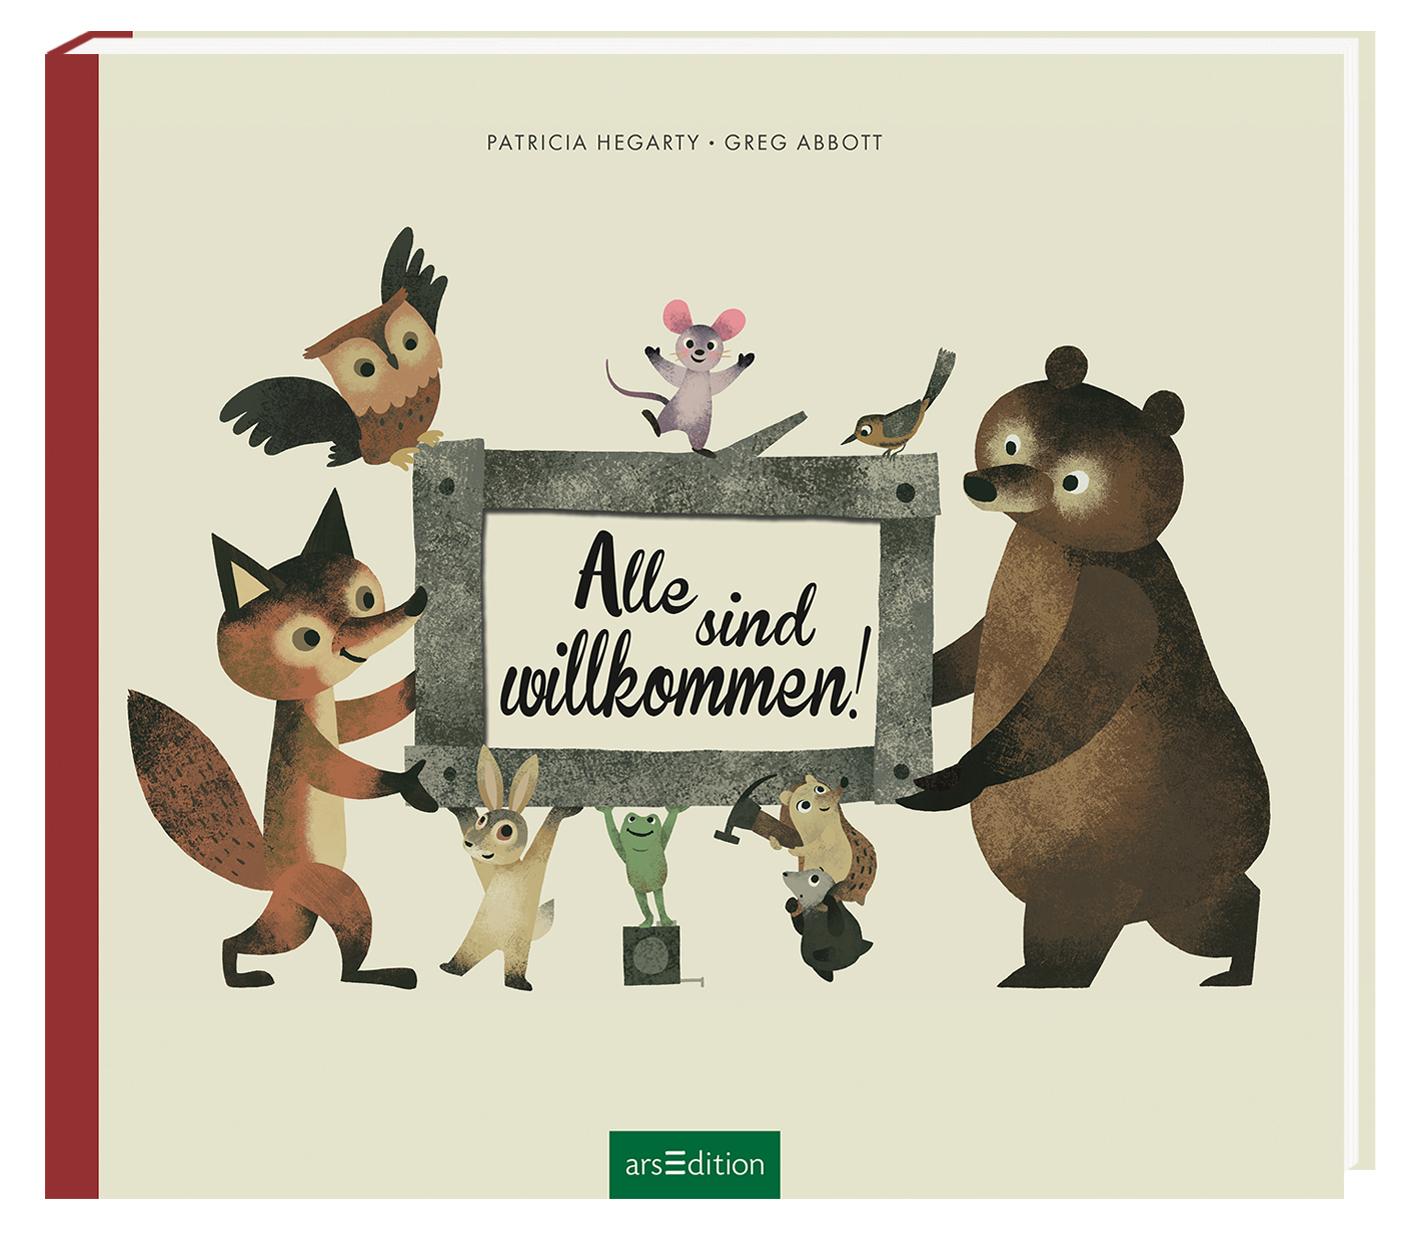 Willkommen, Bilderbuch, Bilderbuch